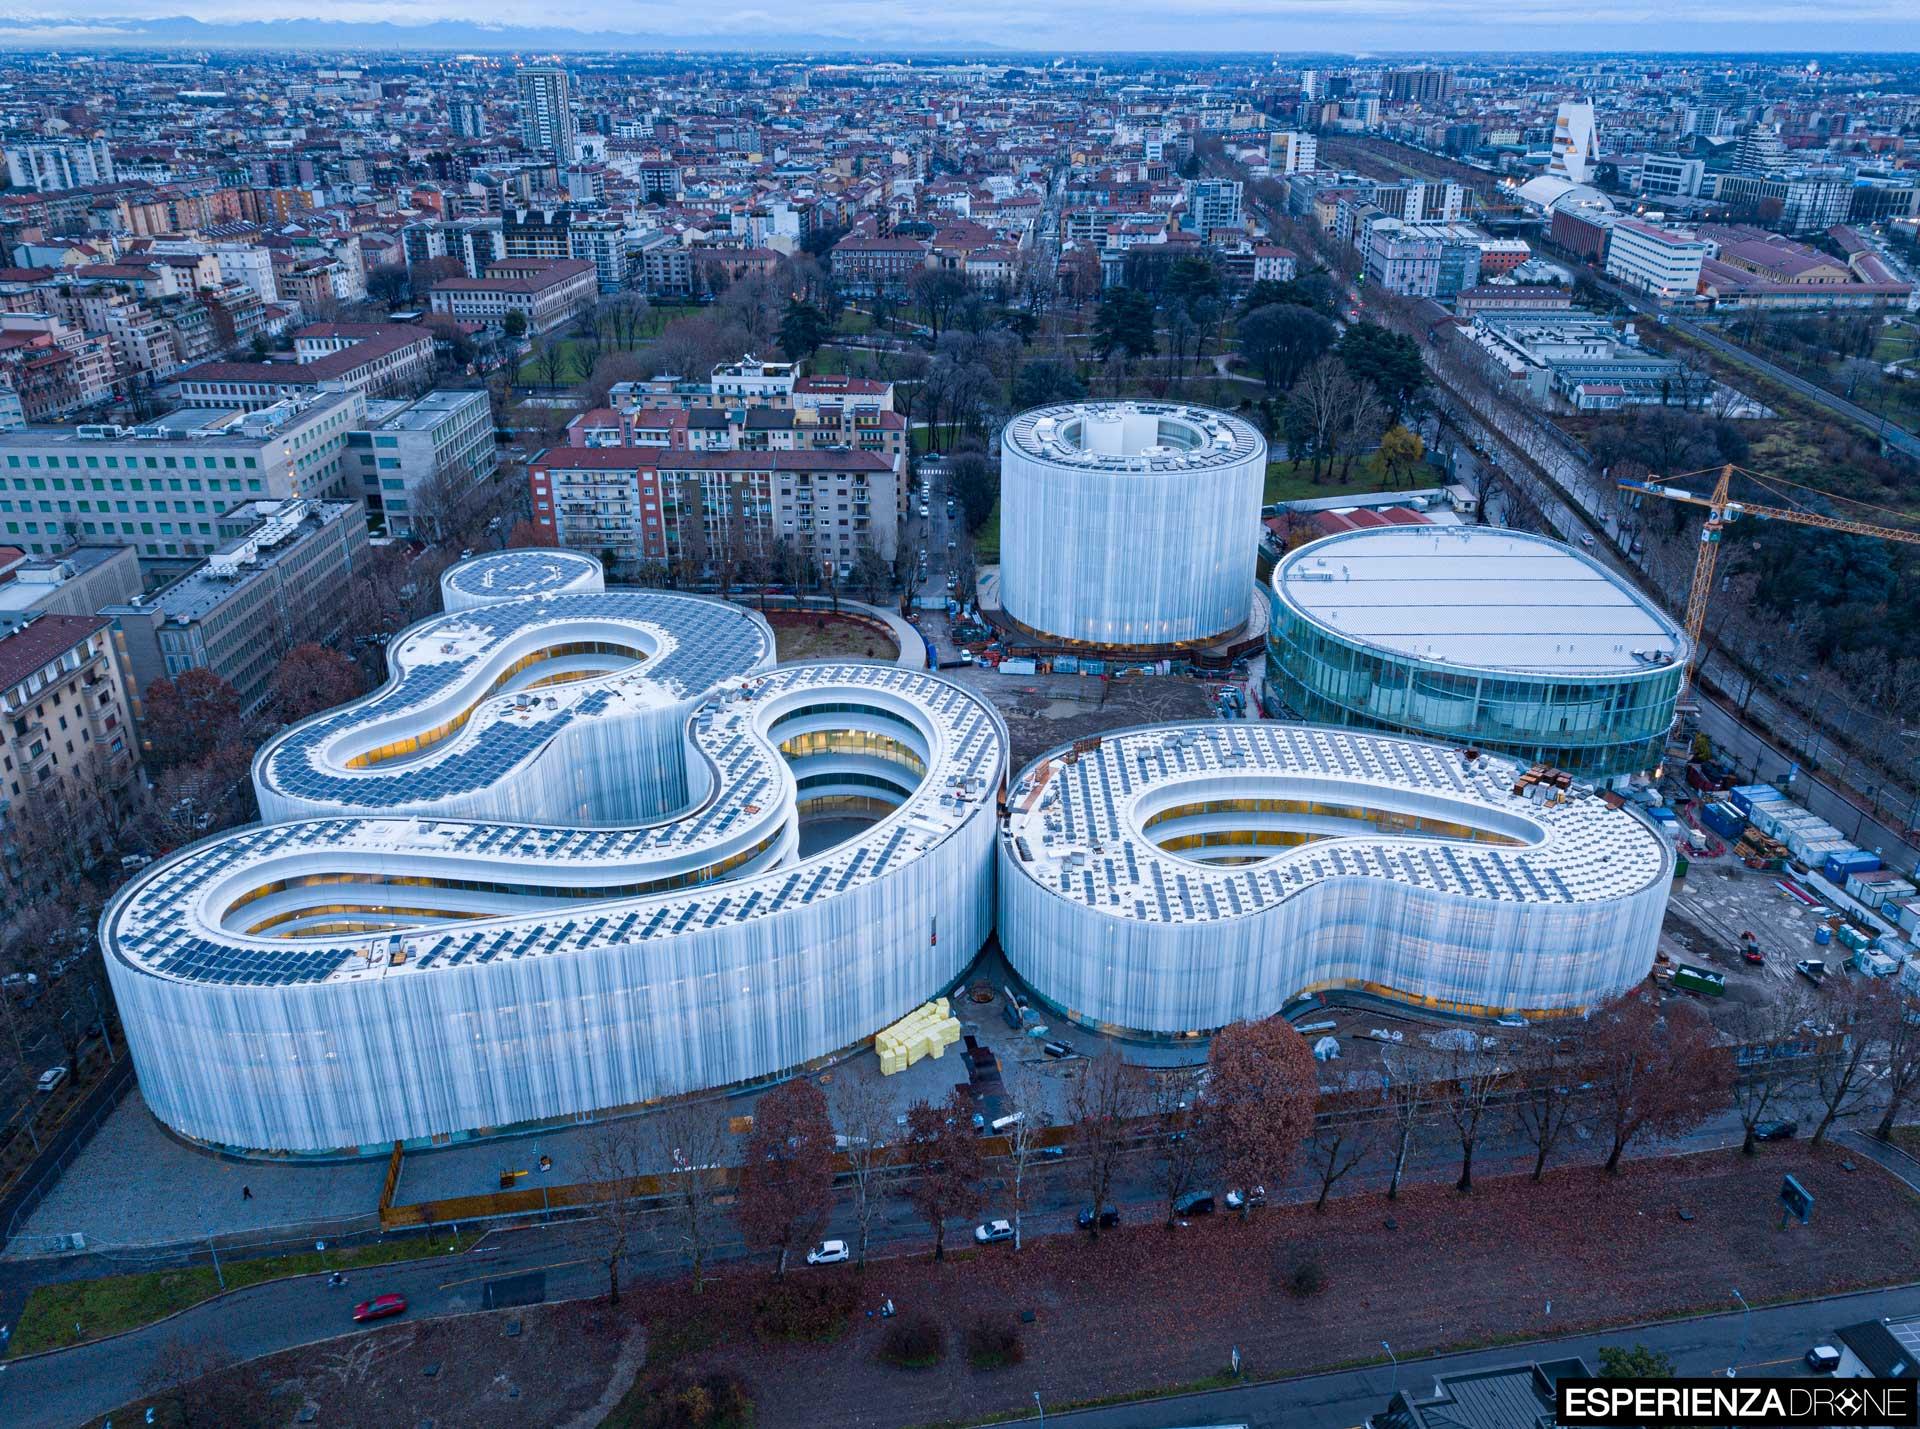 esperienza drone fotografia aerea architettura bocconi milano campus bocconi due.jpg